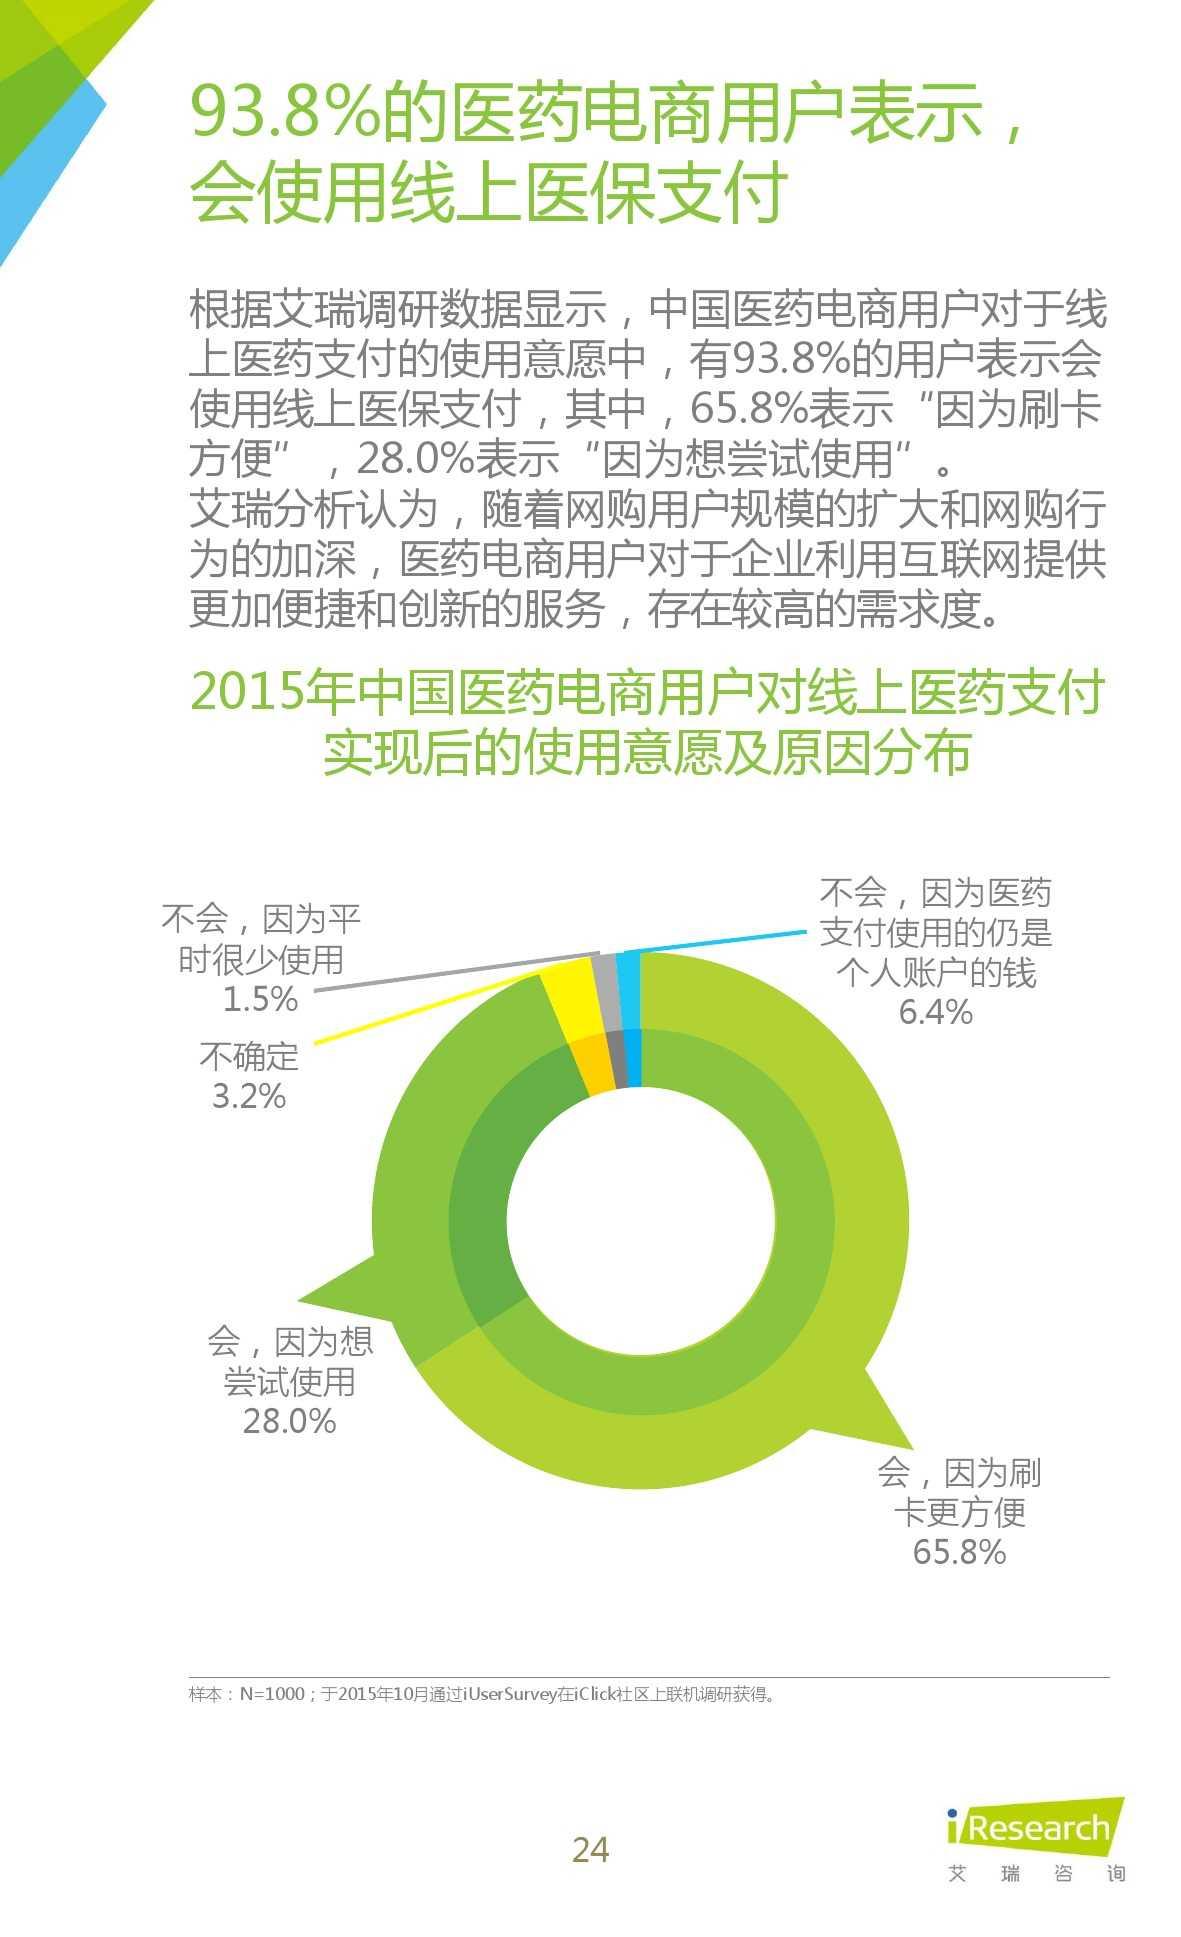 2015年中国医药电商用户行为研究报告_000024